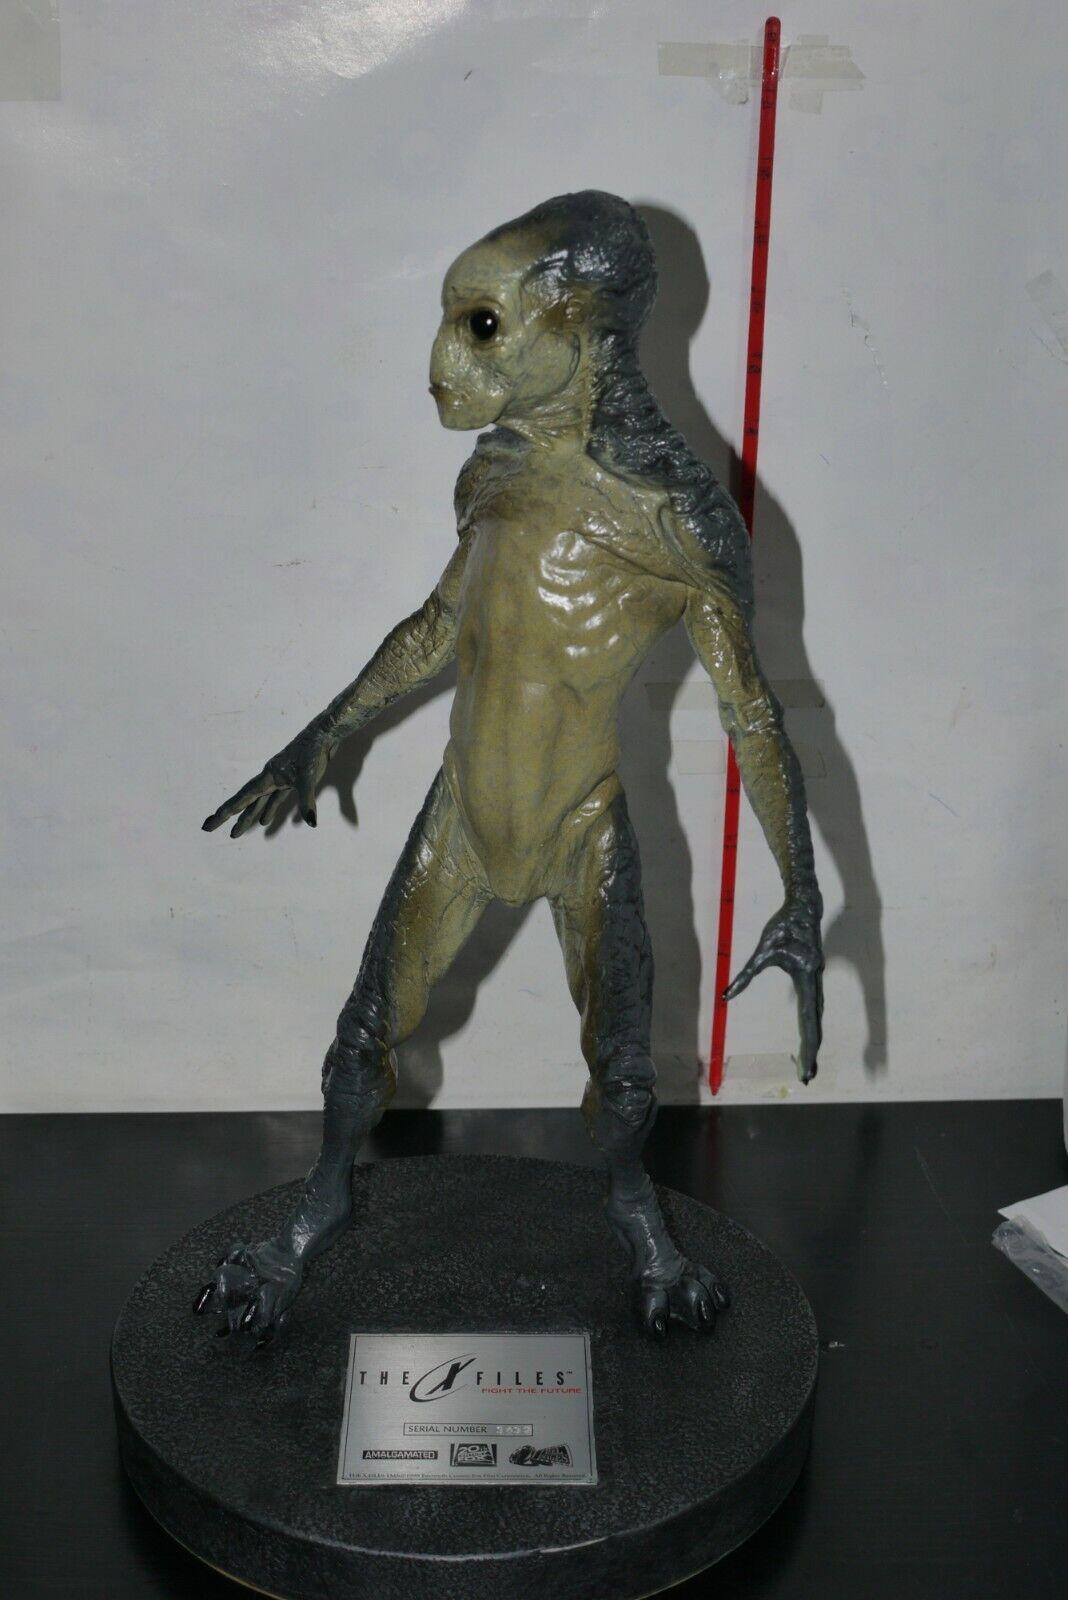 1998 Amalgamated X-Files Fight The Future ALIEN Maquette STATUE BOXED